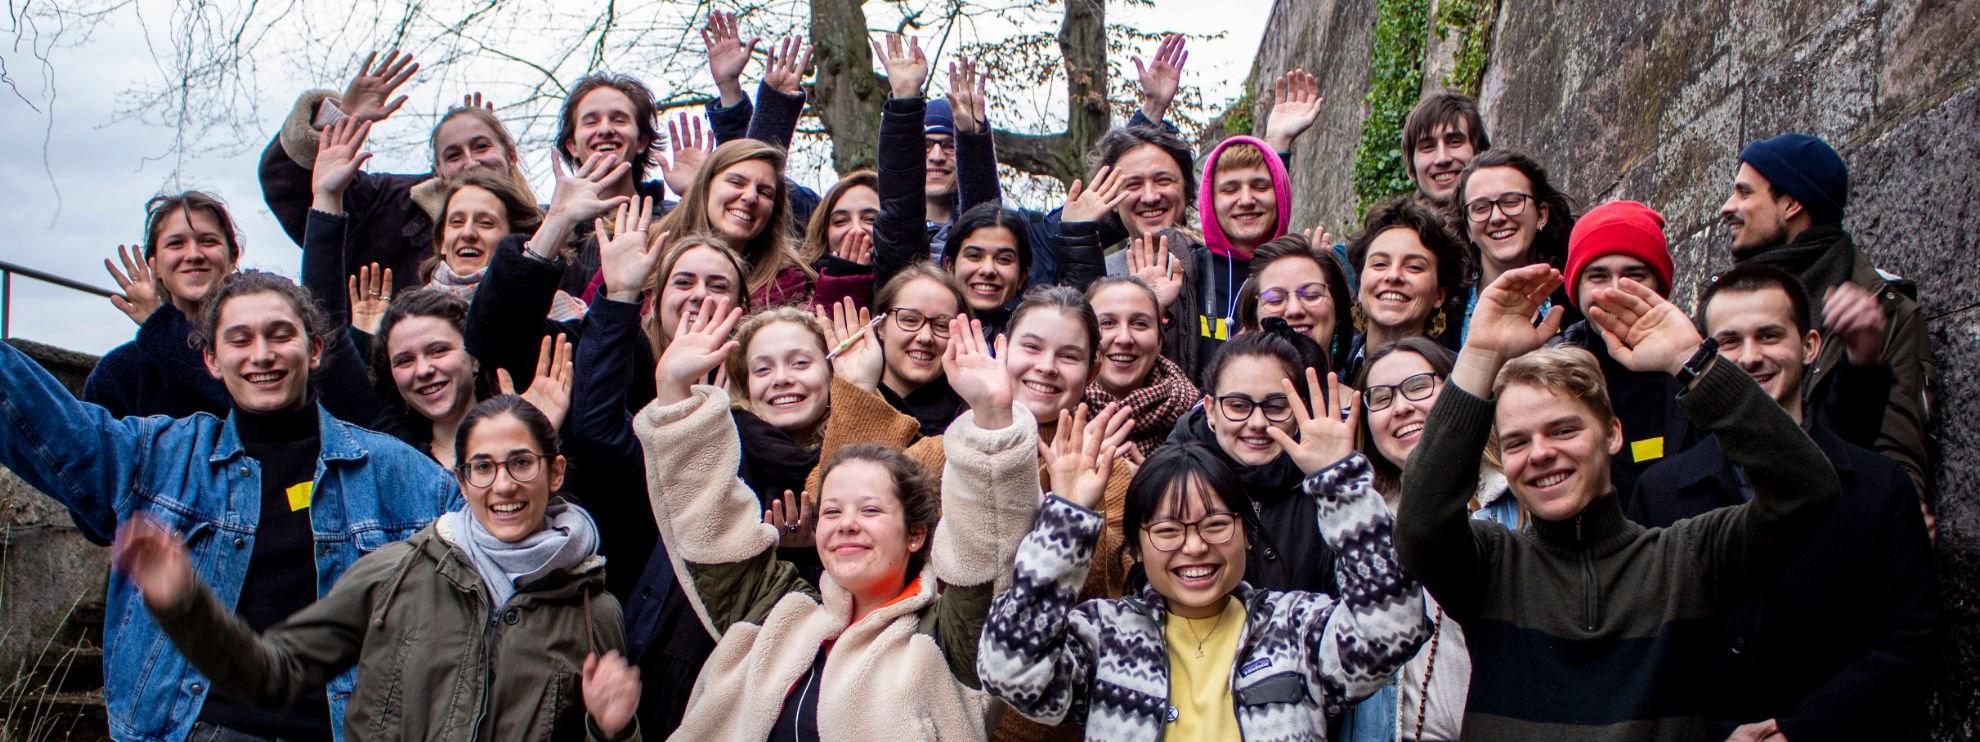 Frauen Treffen Frauen Aus Leytron Singles In Givisiez Bichelsee